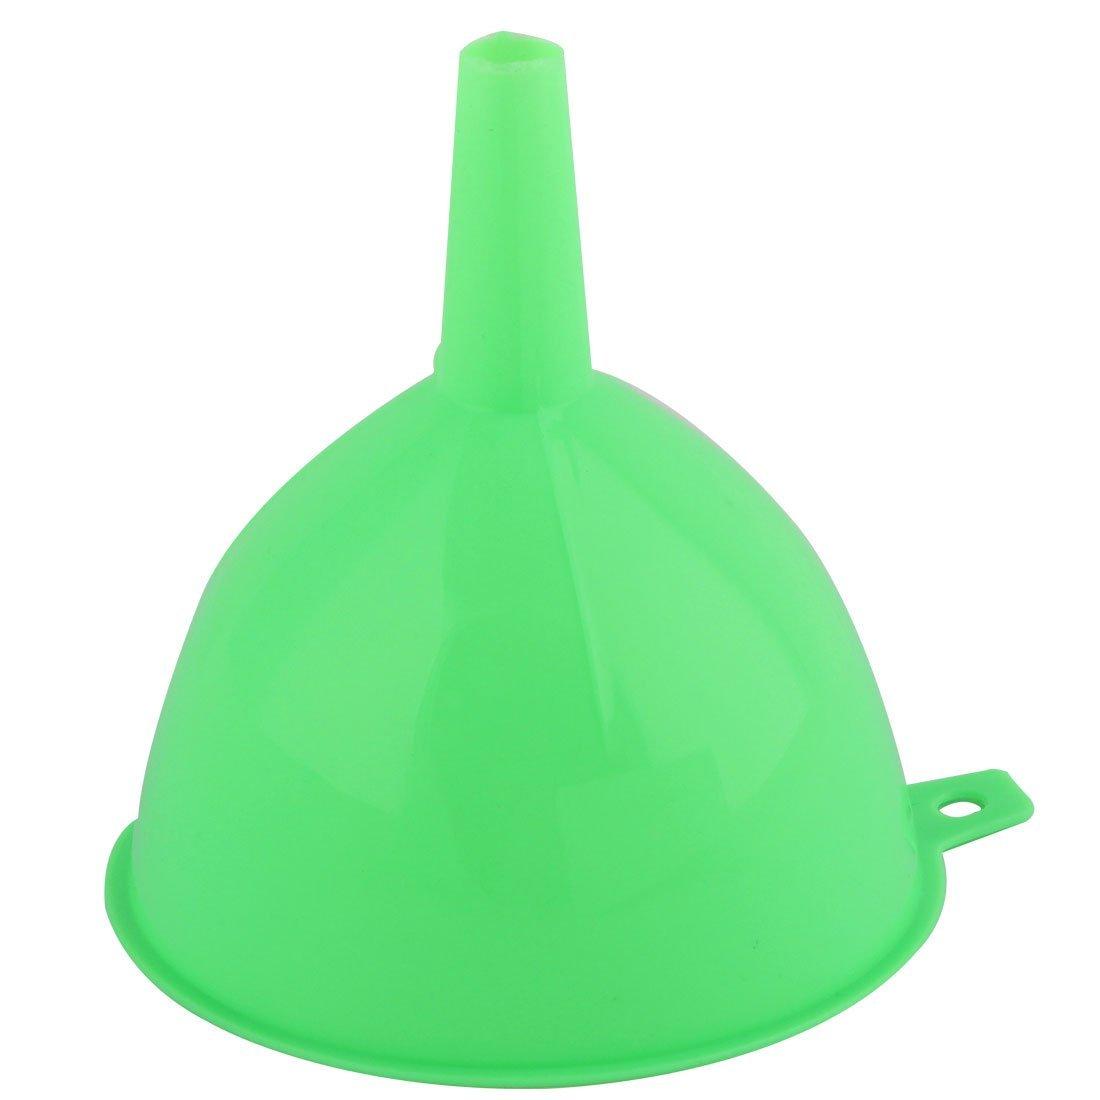 Amazon.com: eDealMax plástico Domésticos de Cocina de transferencia de petróleo Agua Vinagre líquido filtro Embudo 2 Pcs verde: Kitchen & Dining